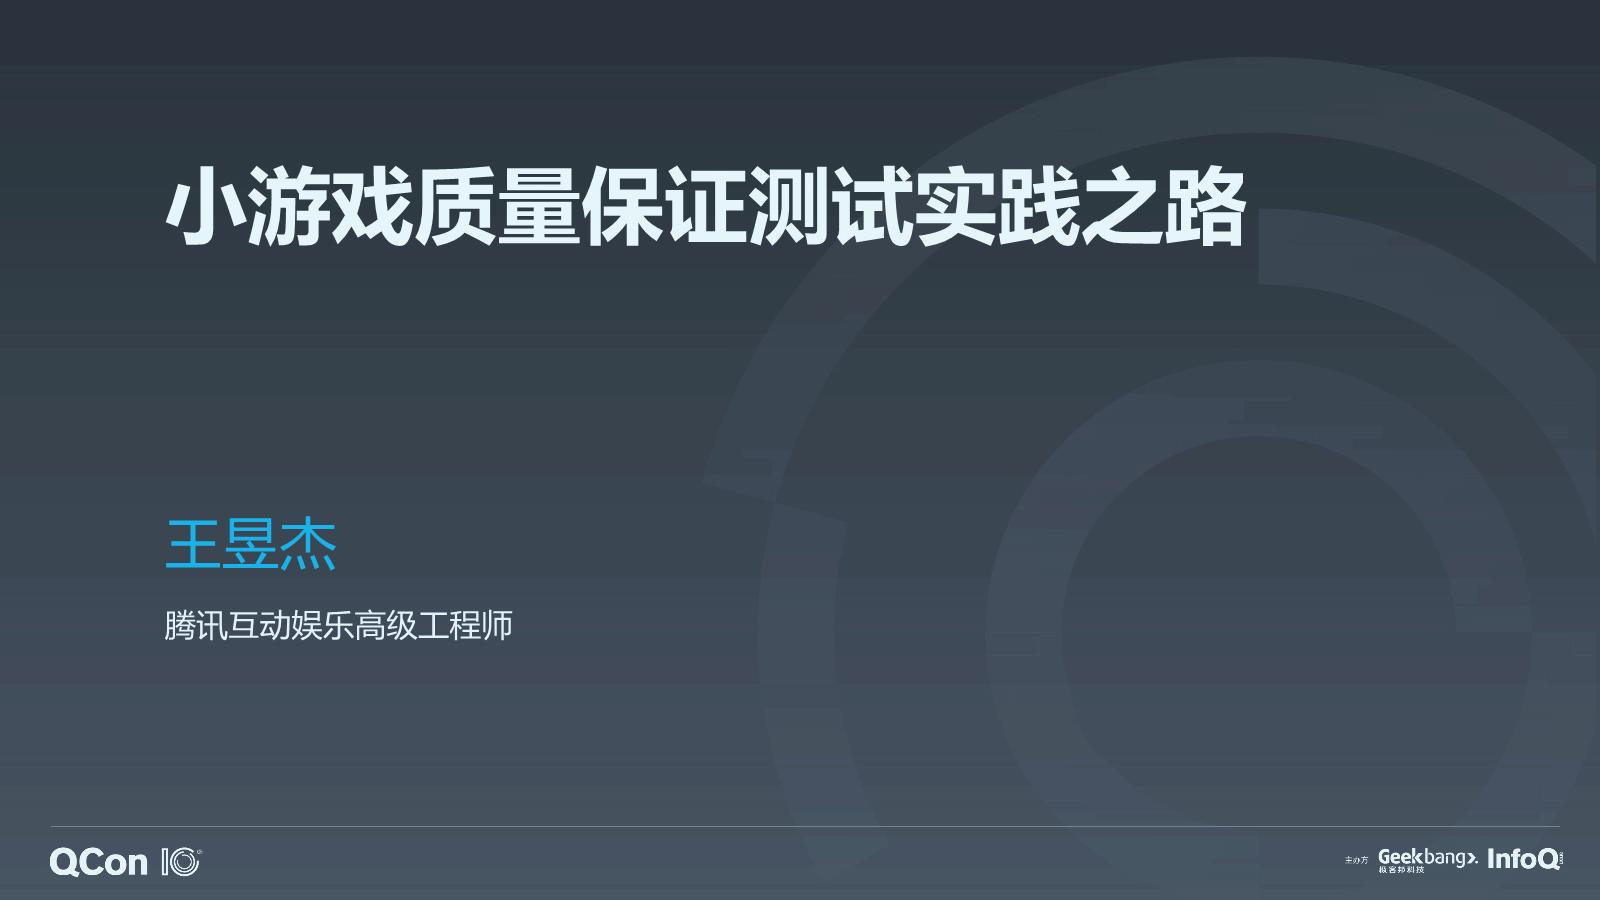 王昱杰-小游戏质量保证测试实践之路